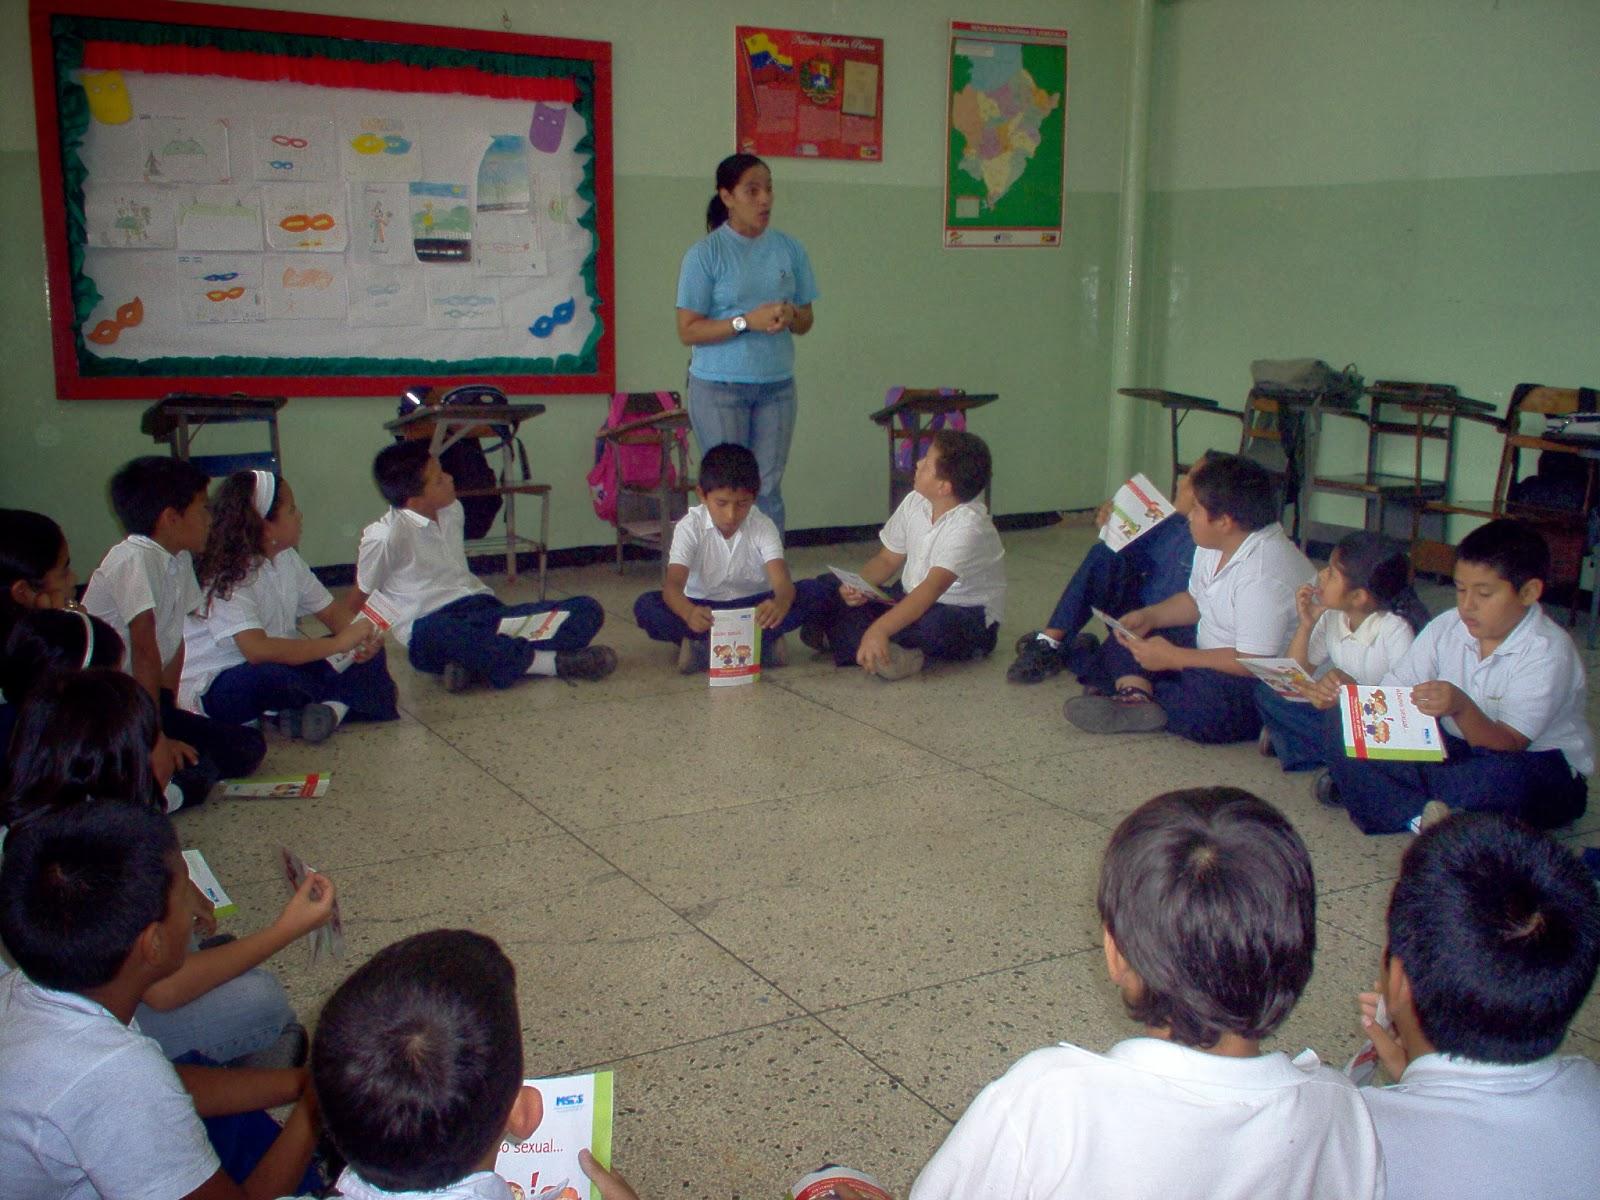 Actividad educativa en la Escuela Básica Los Curos. Por Cátedra de la Paz. Febrero de 2008.